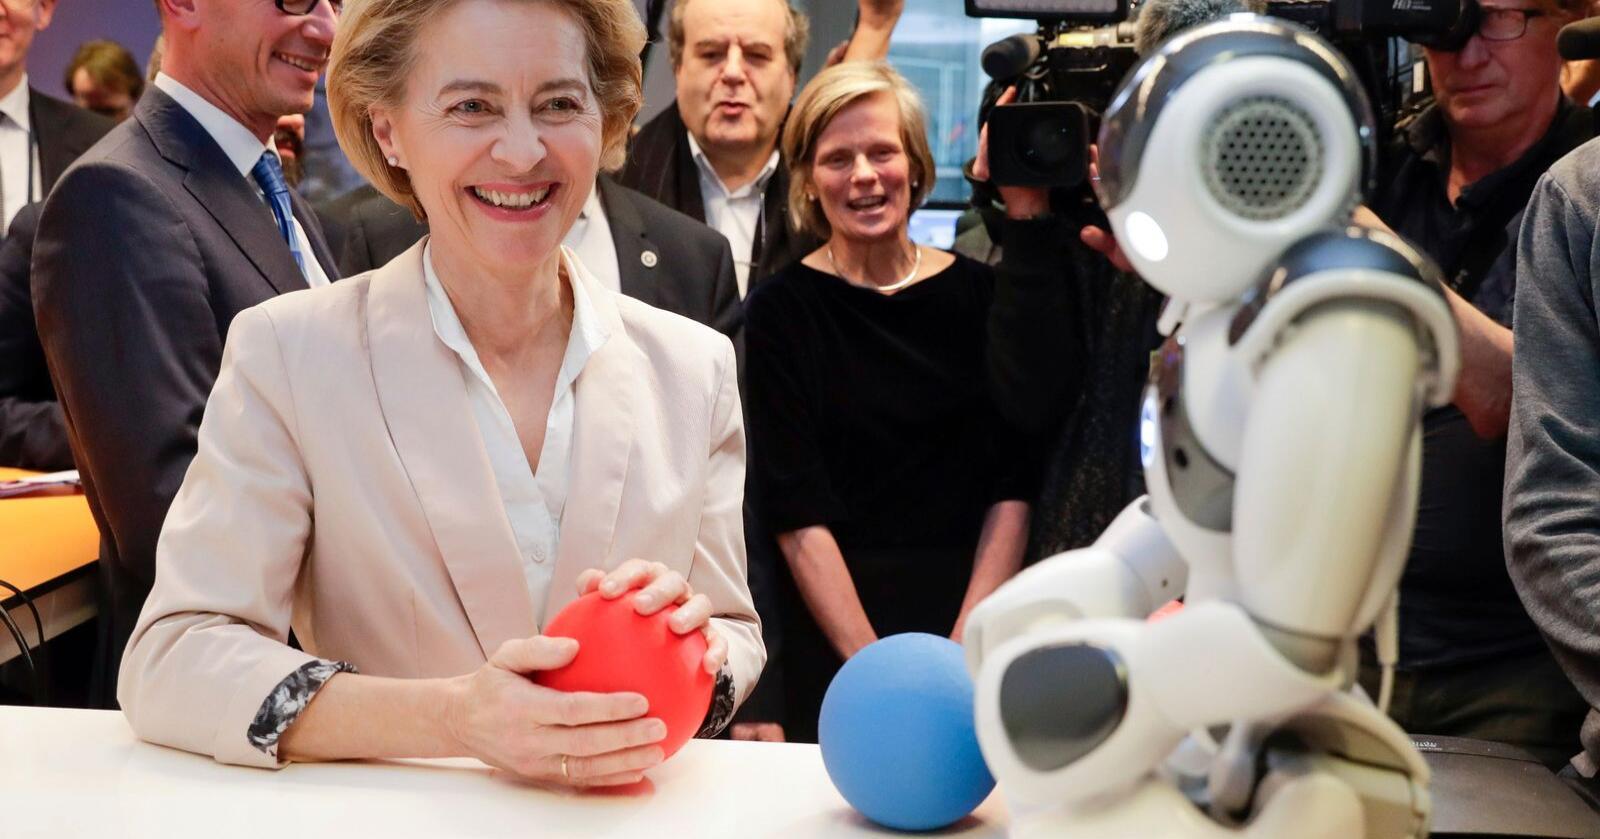 Ursula von der Leyen besøkte et senter for kunstig intelligens ved Brussels frie universitet dagen før hun presenterte EU-kommisjonens digitale strategi. Foto: Stephanie Lecocq / AP / NTB scanpix